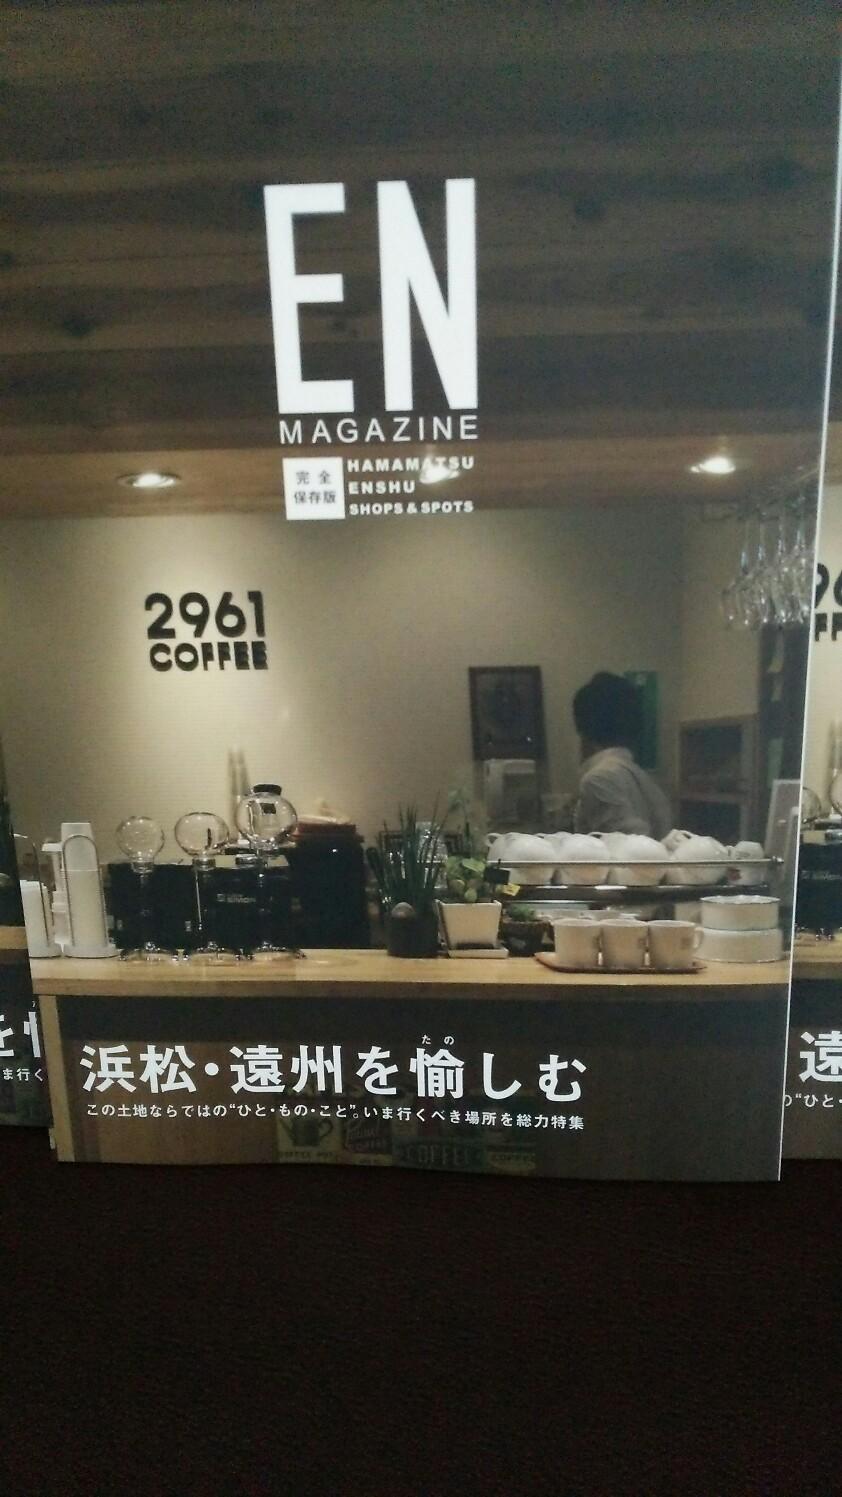 浜松、遠州を愉しむ雑誌 EN